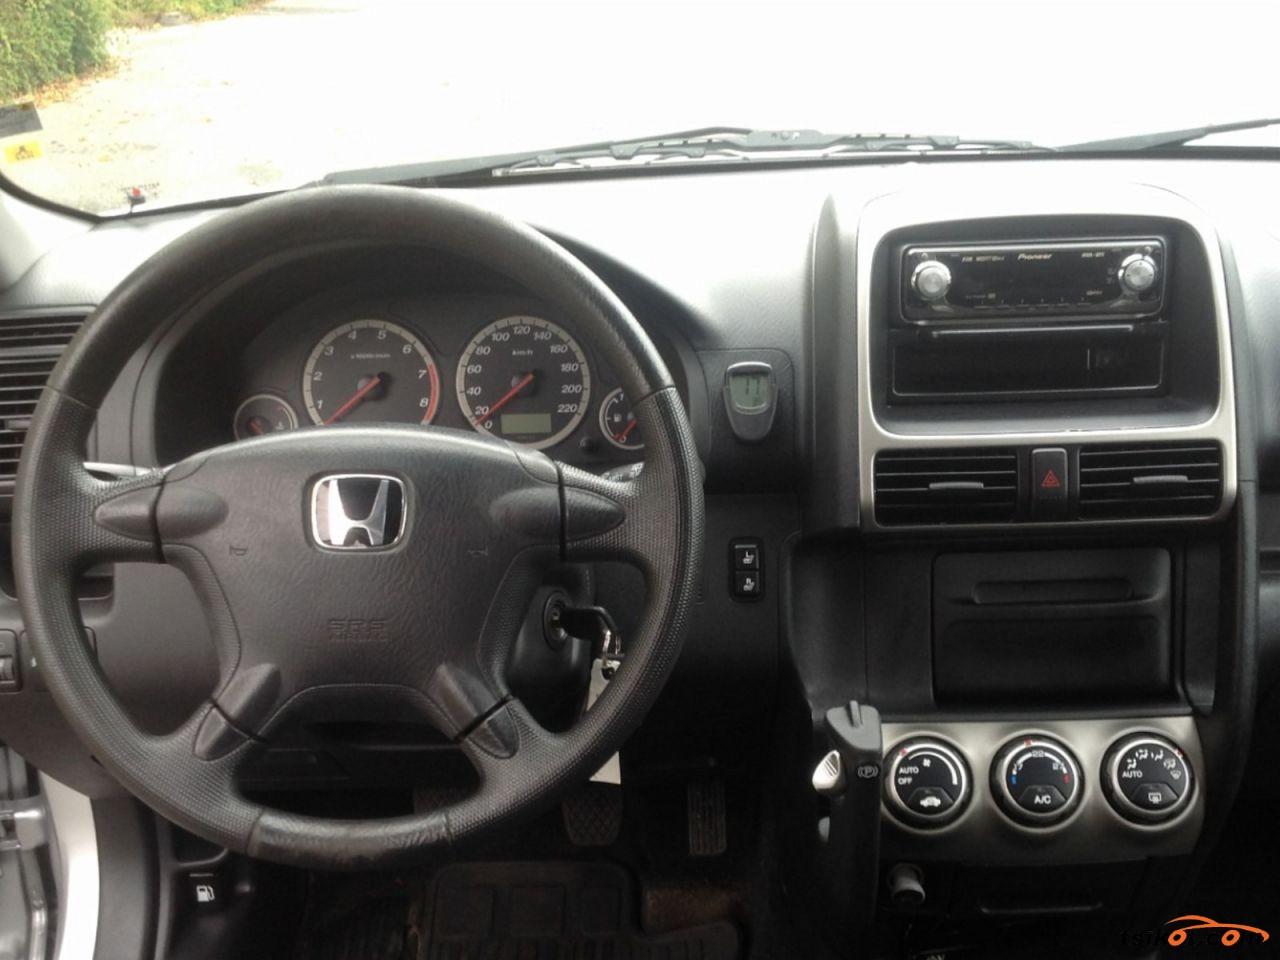 Honda Cr-V 2004 - 3